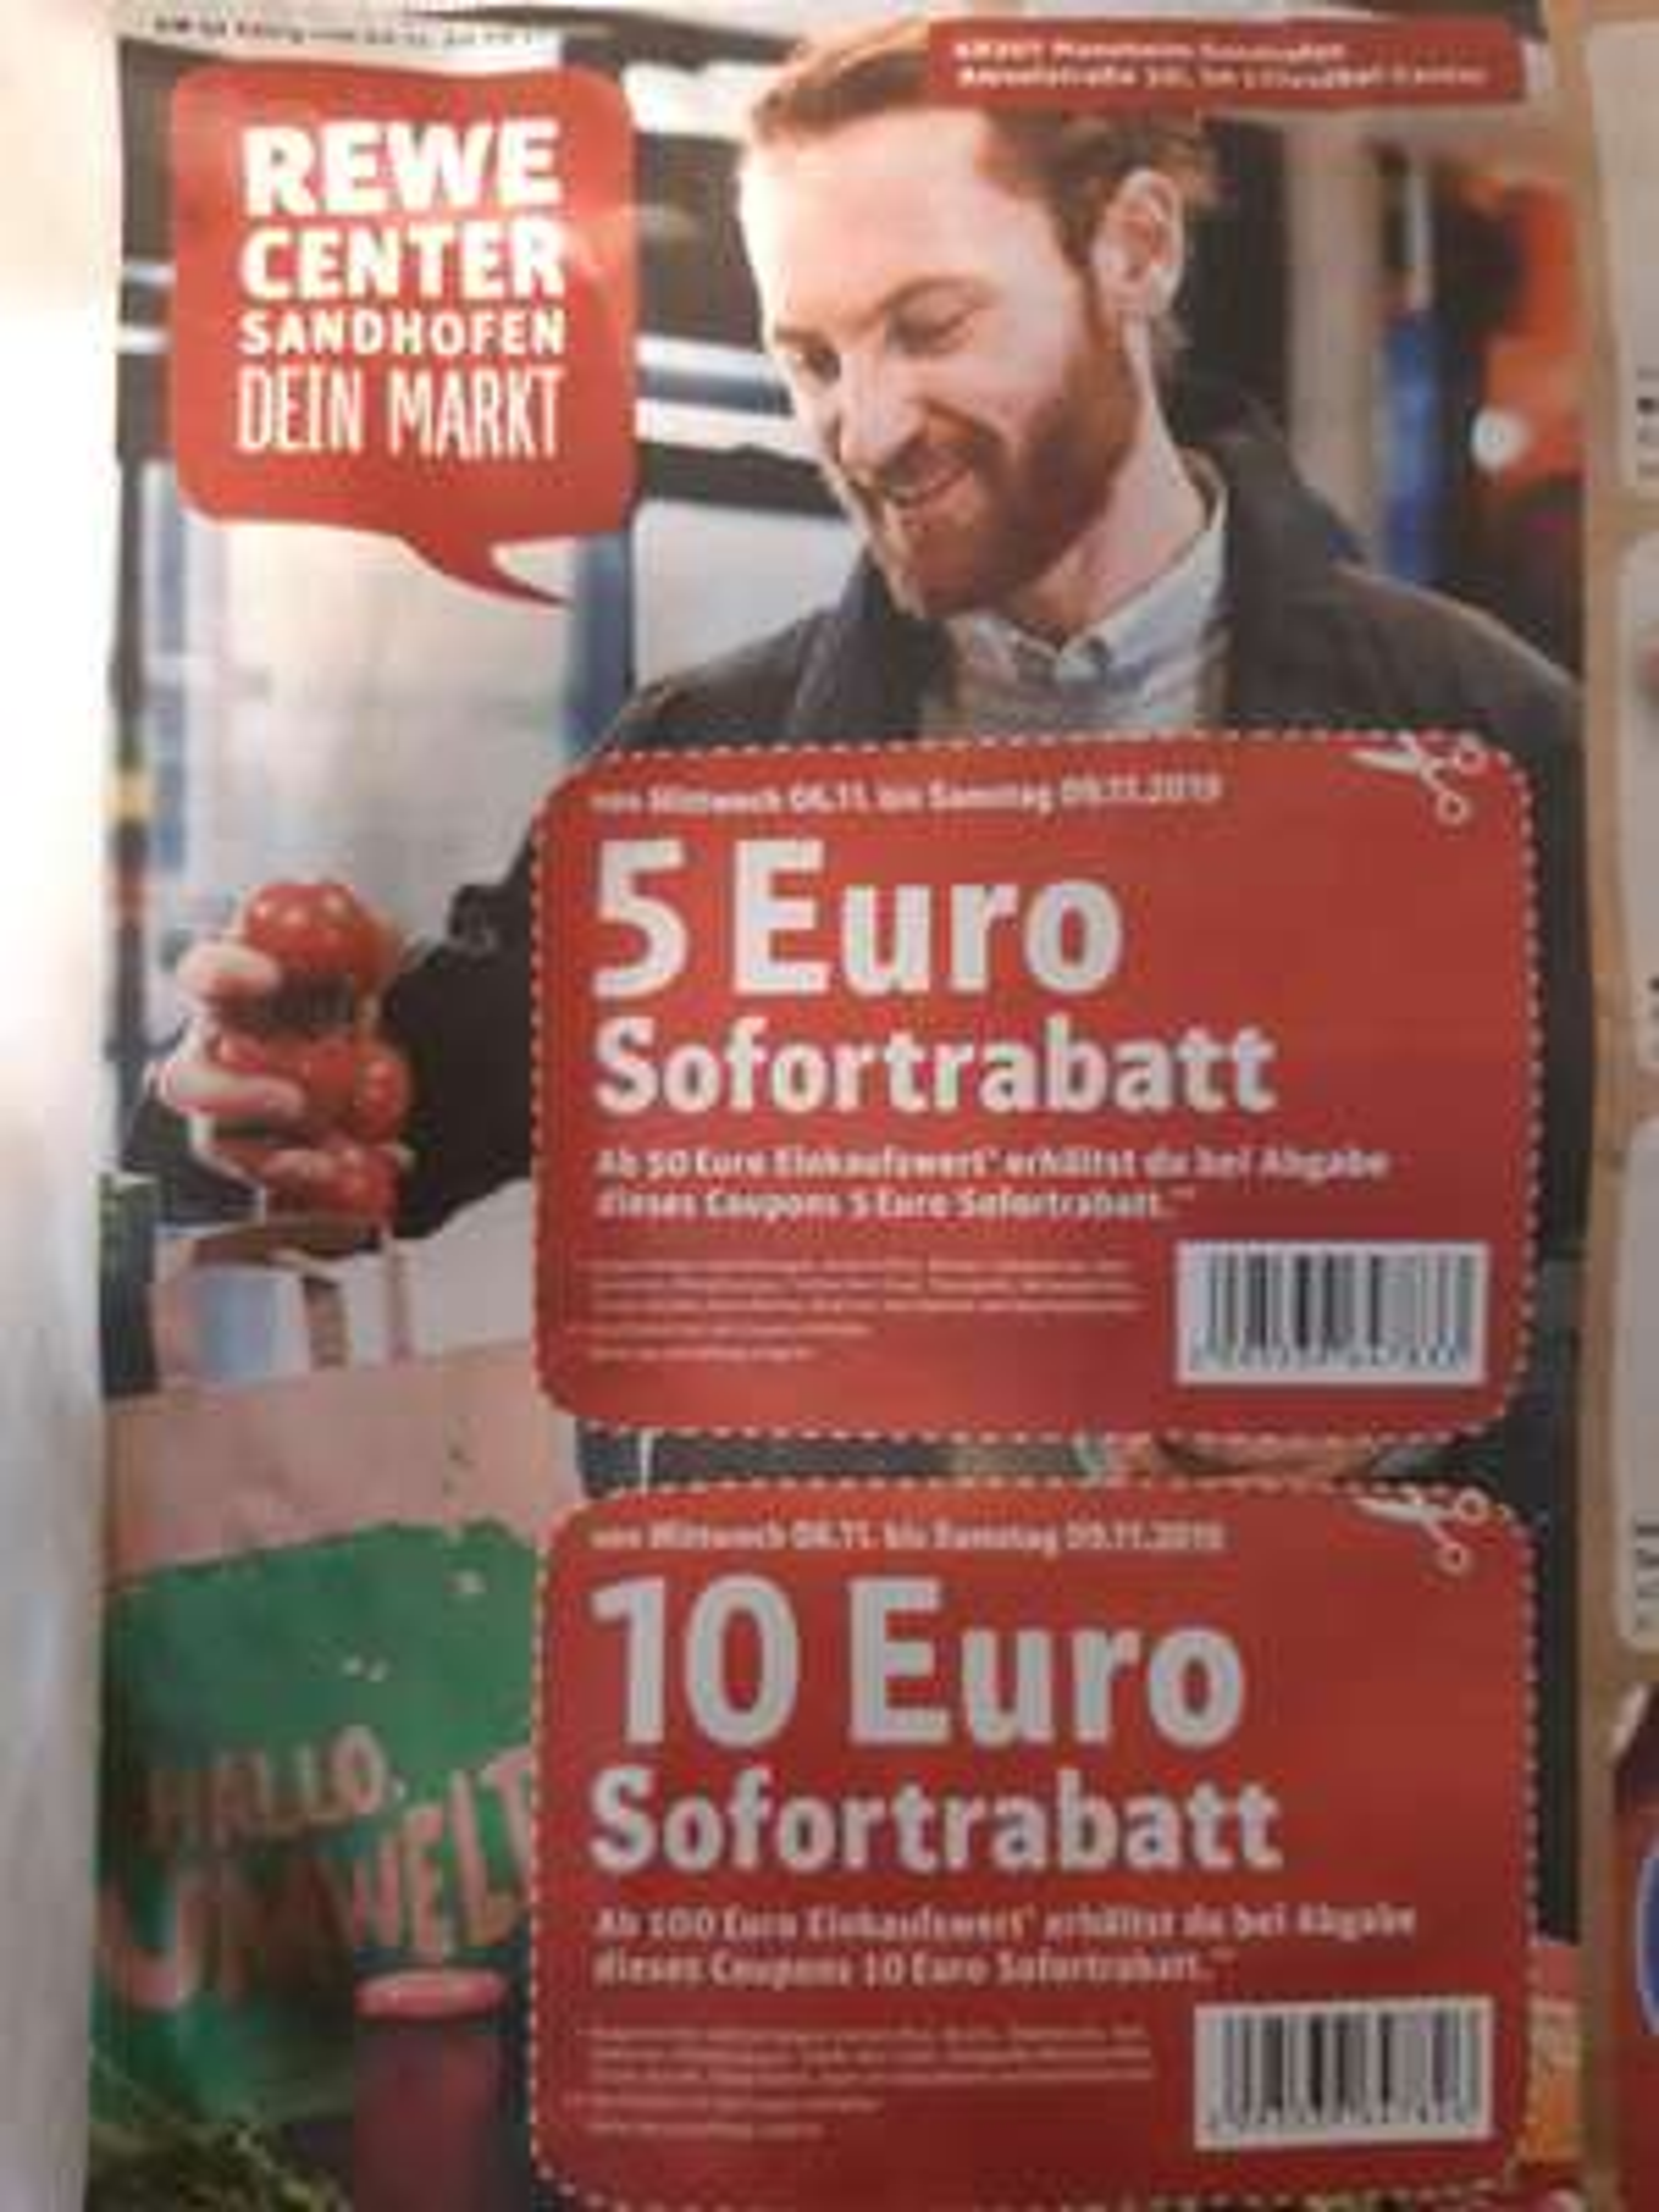 Lokal Mannheim bis zu 10€ Rabatt bei Rewe